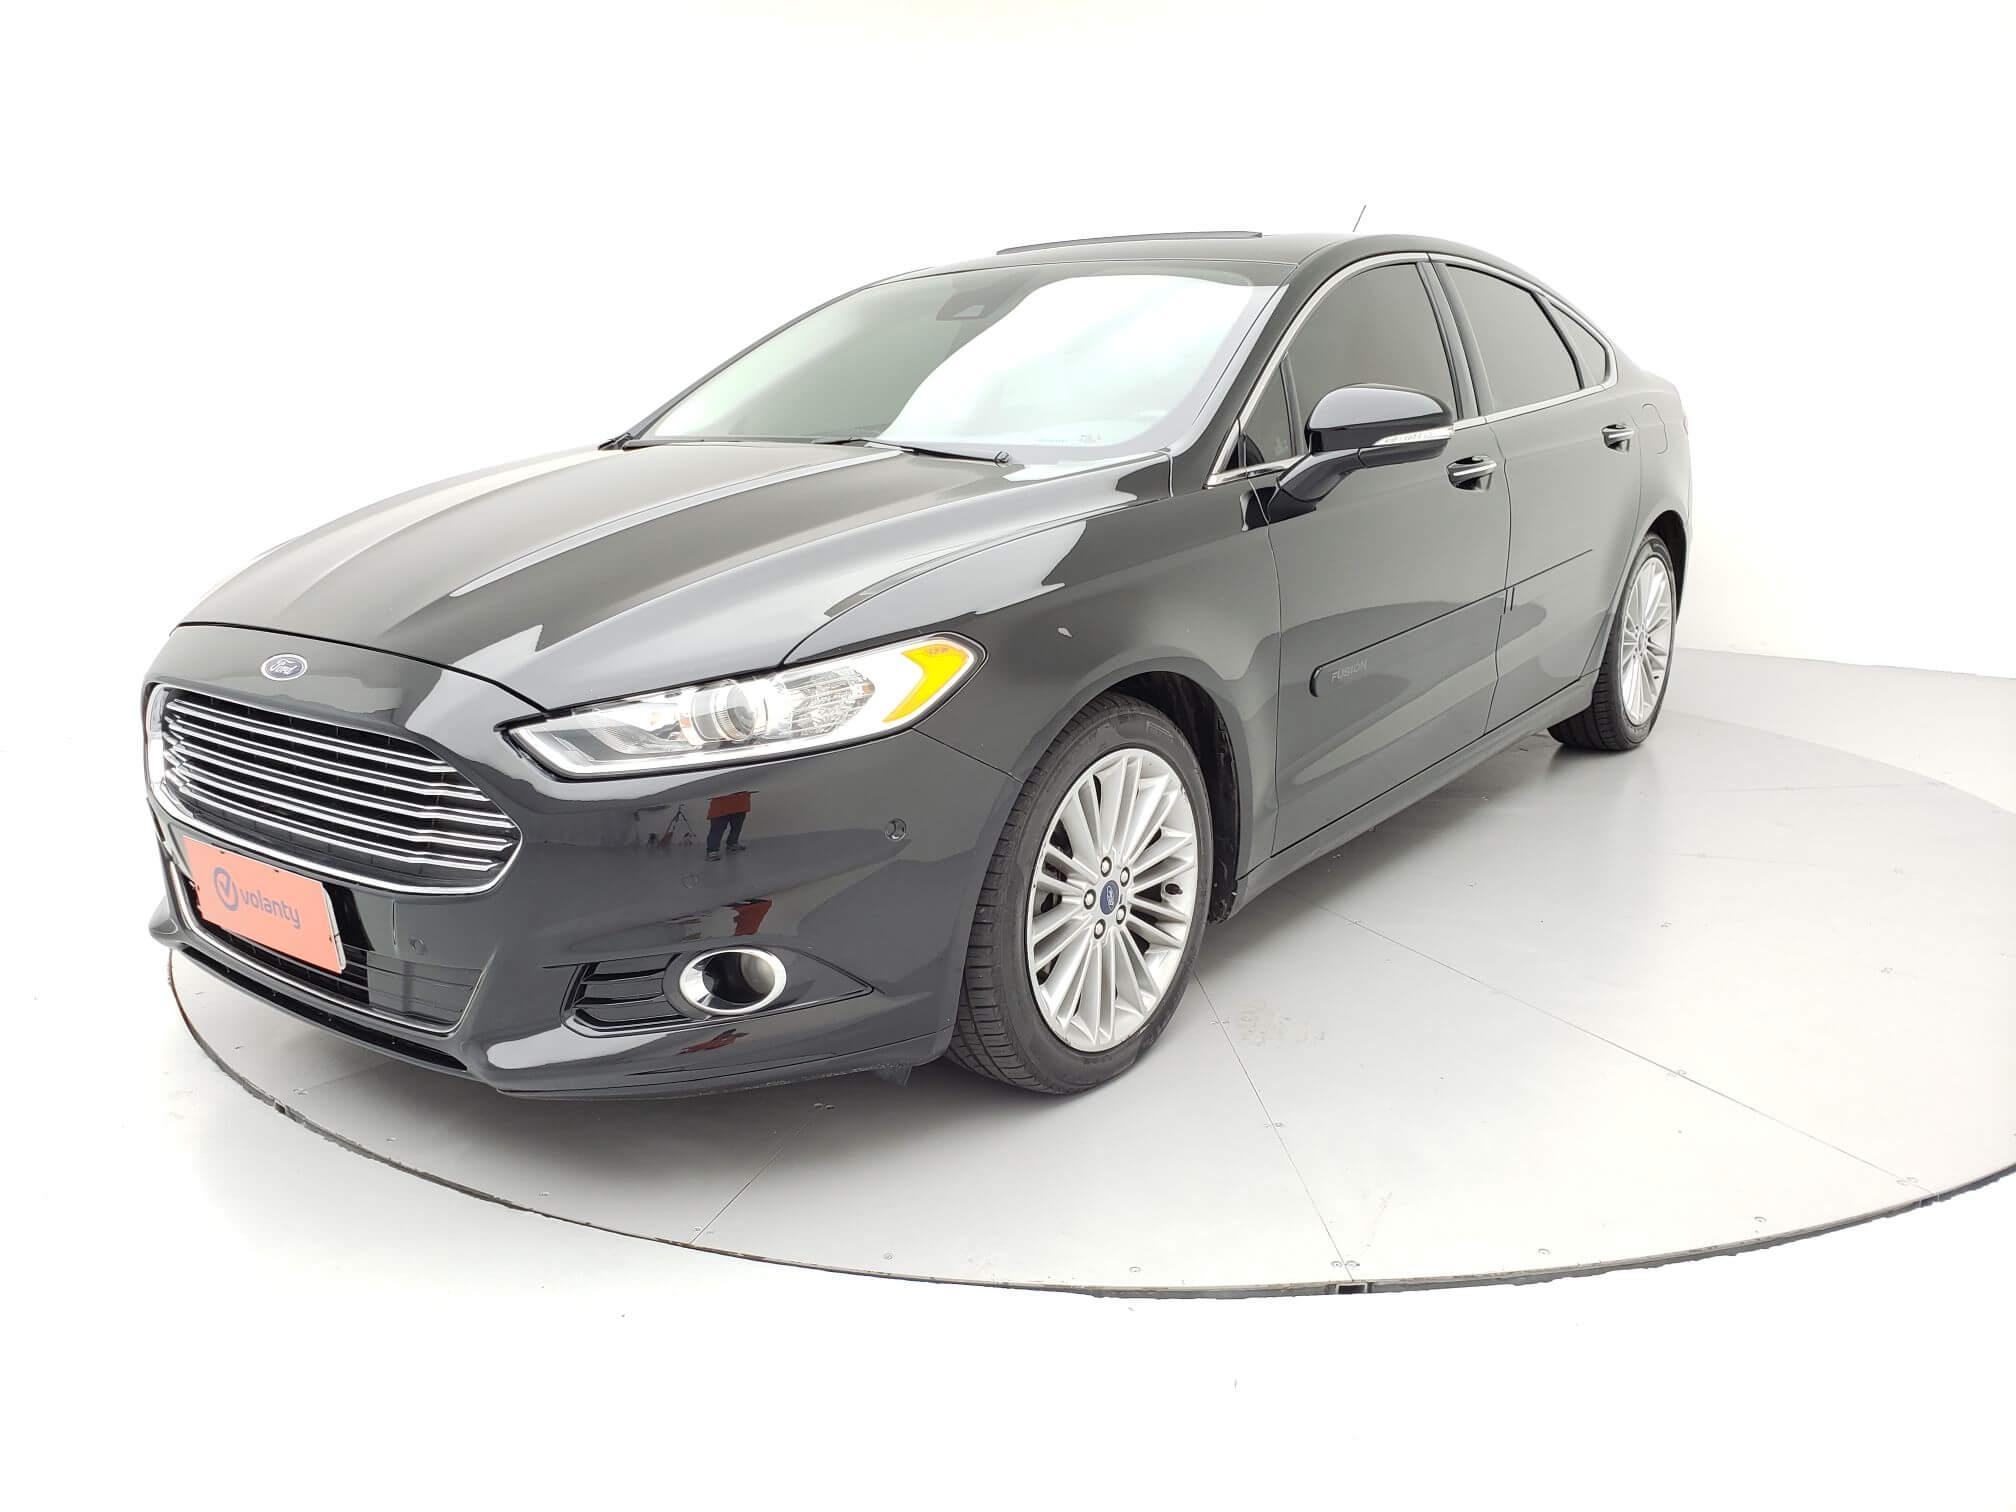 Imagem do Ford Fusion